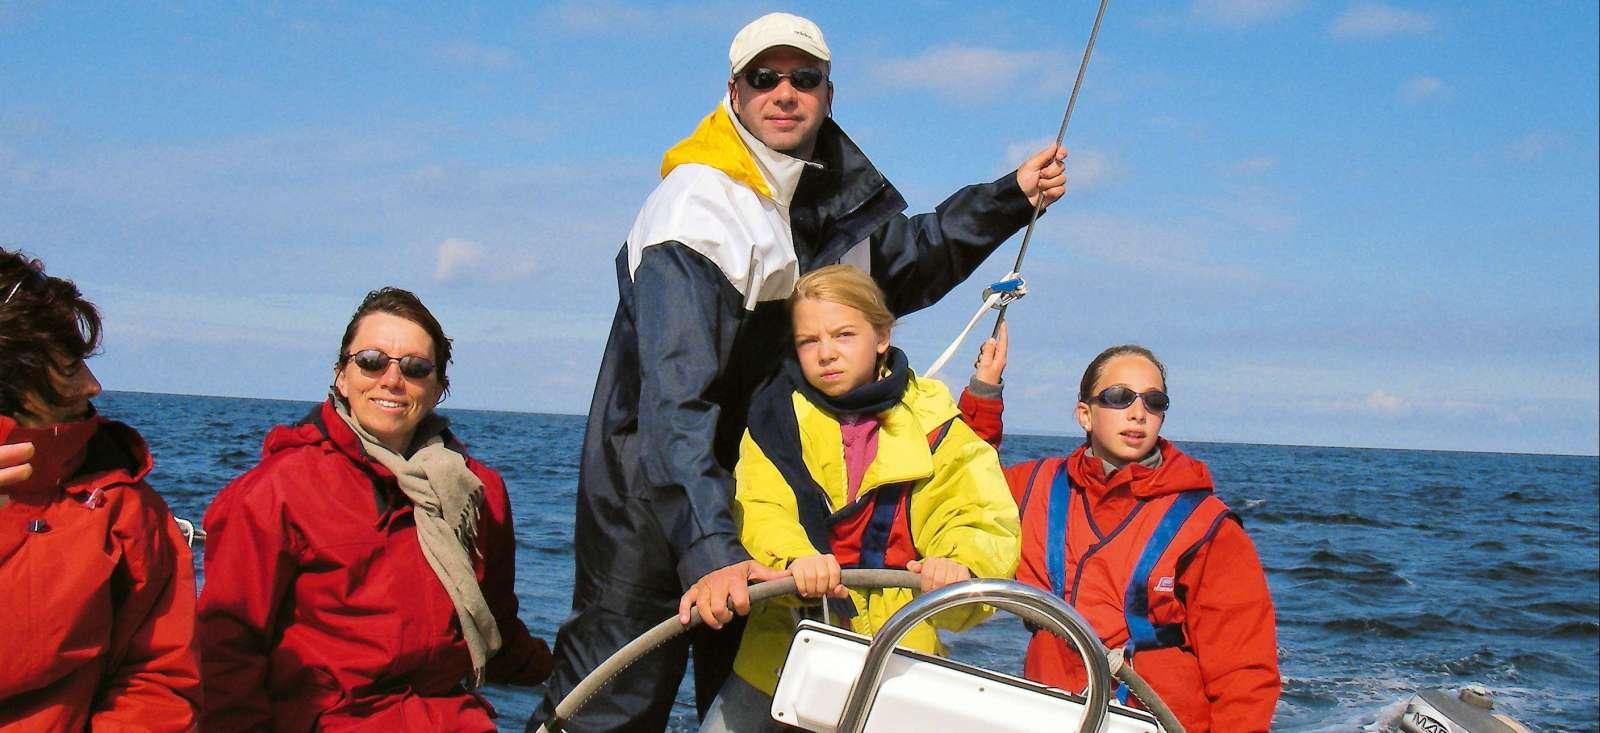 Voyage sur l'eau France : Piraterie chez les anglo-normands !